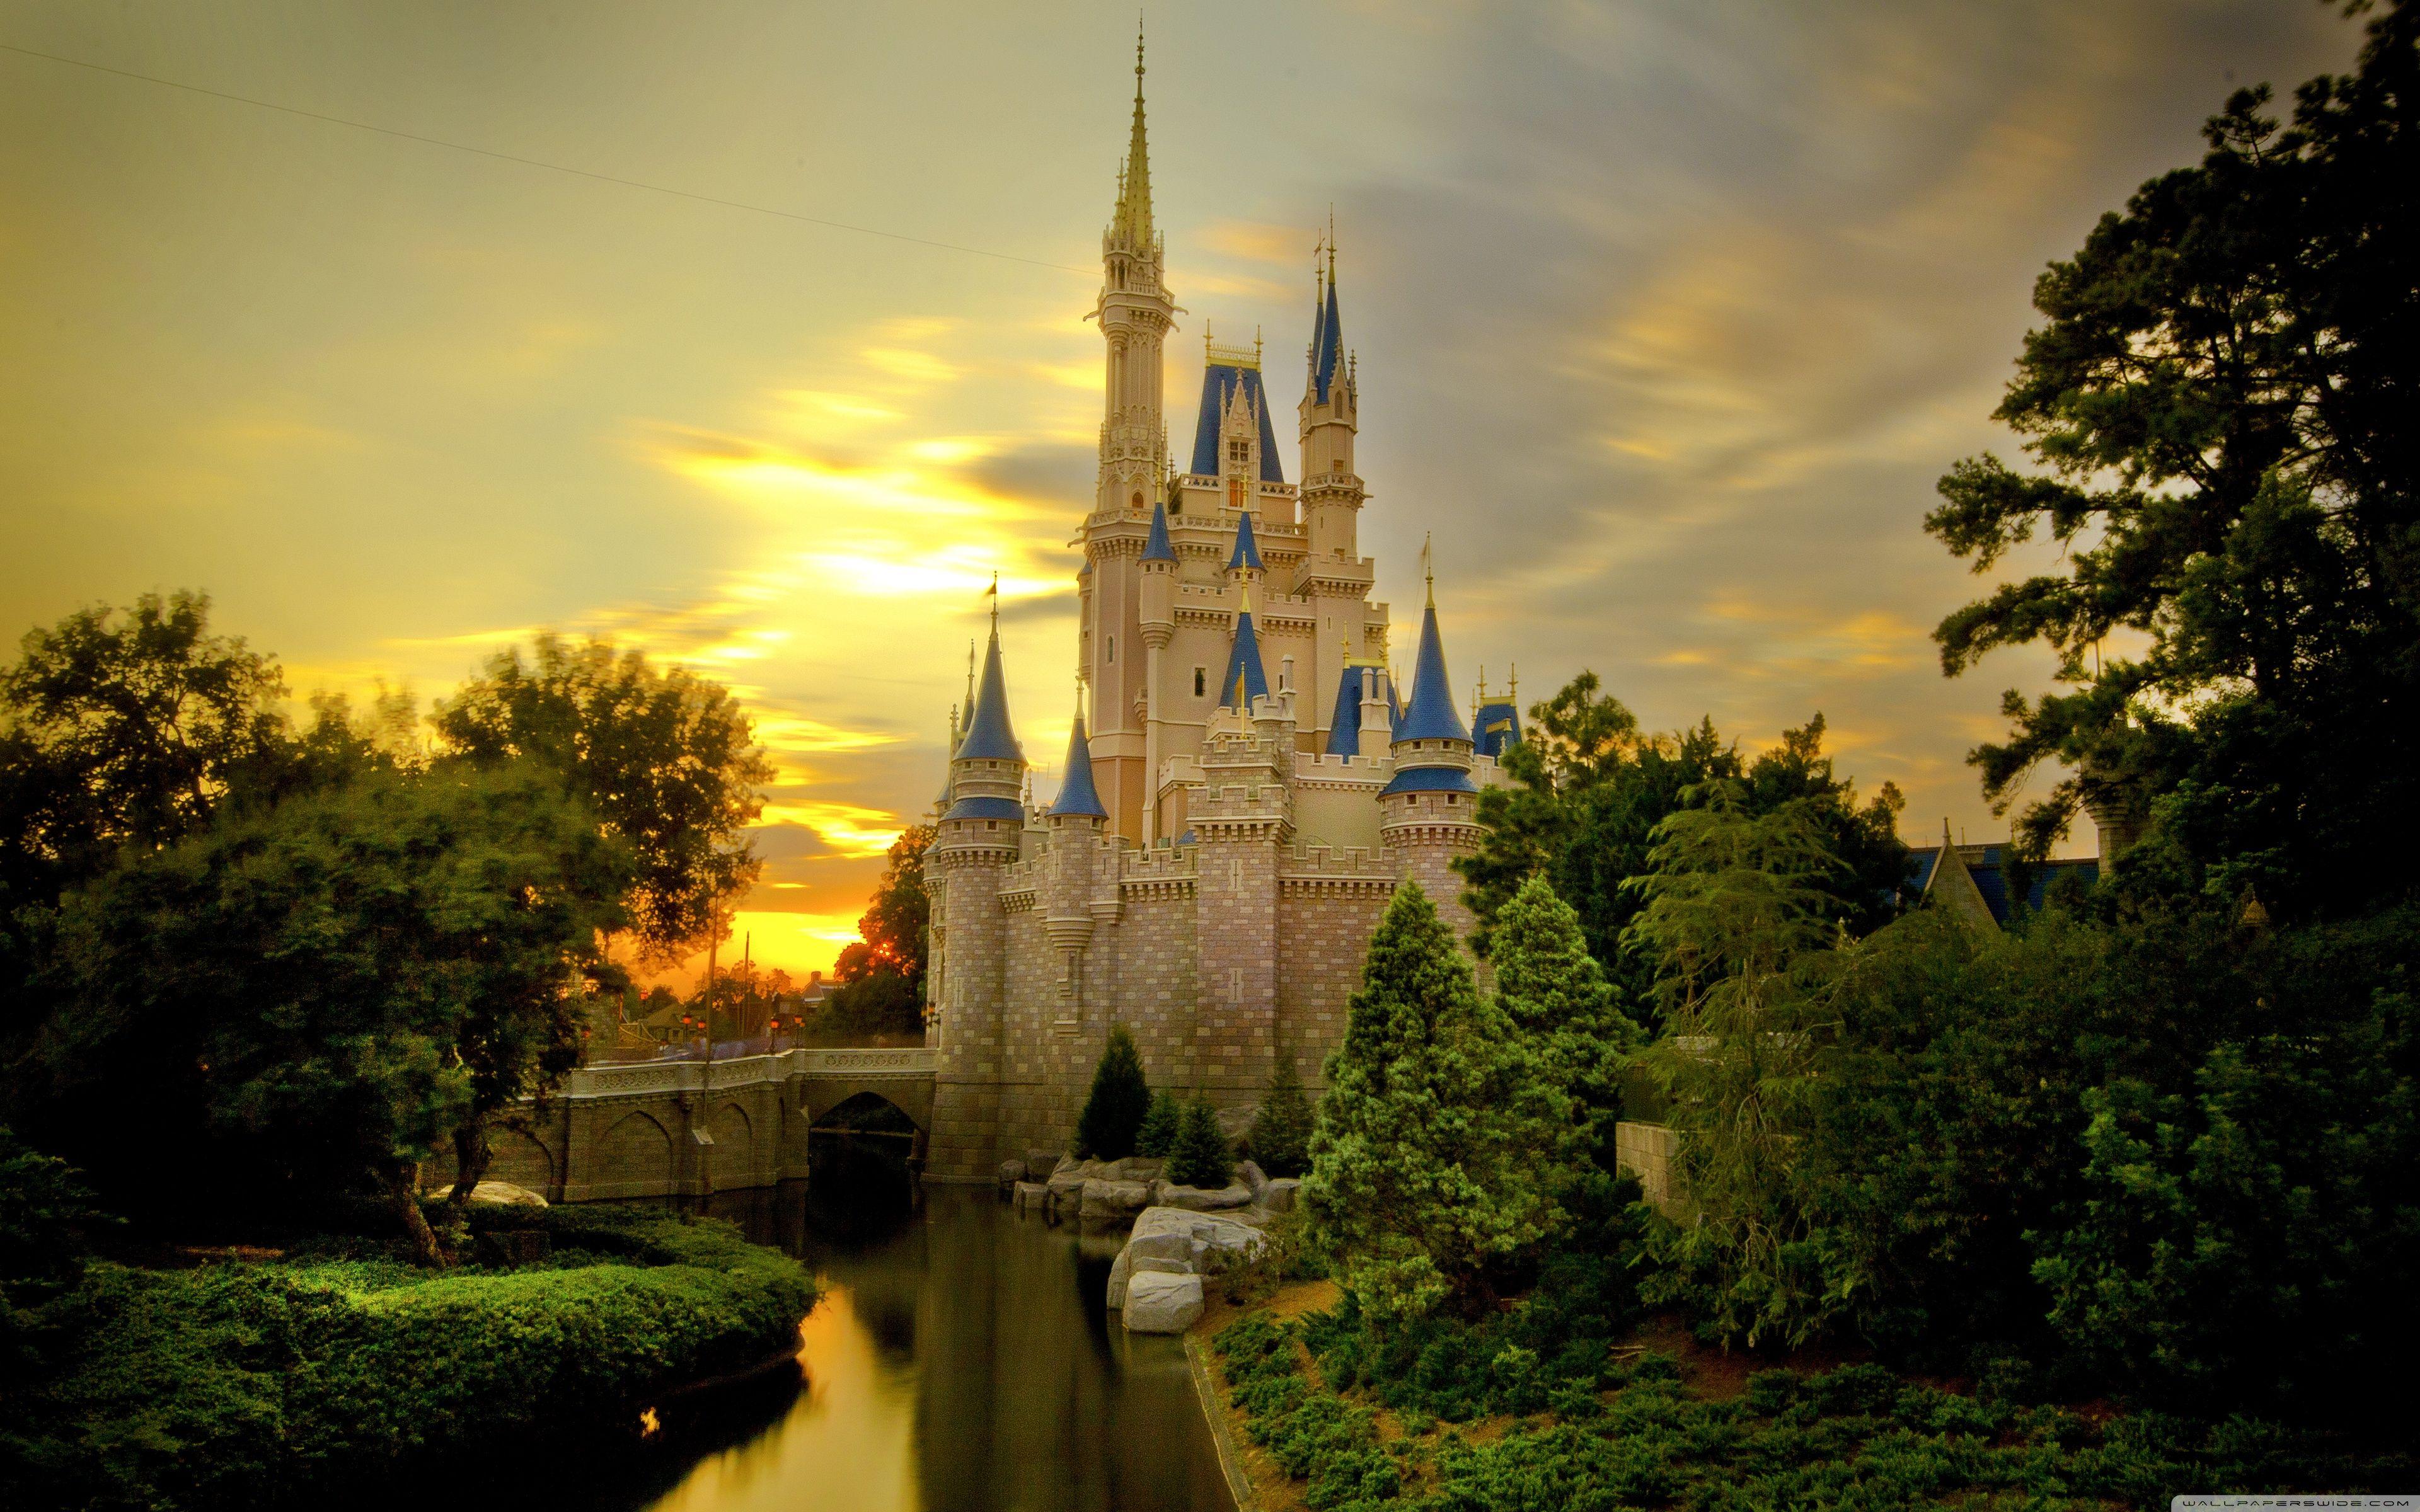 Cinderella Castle Cinderella castle, Fantasy castle